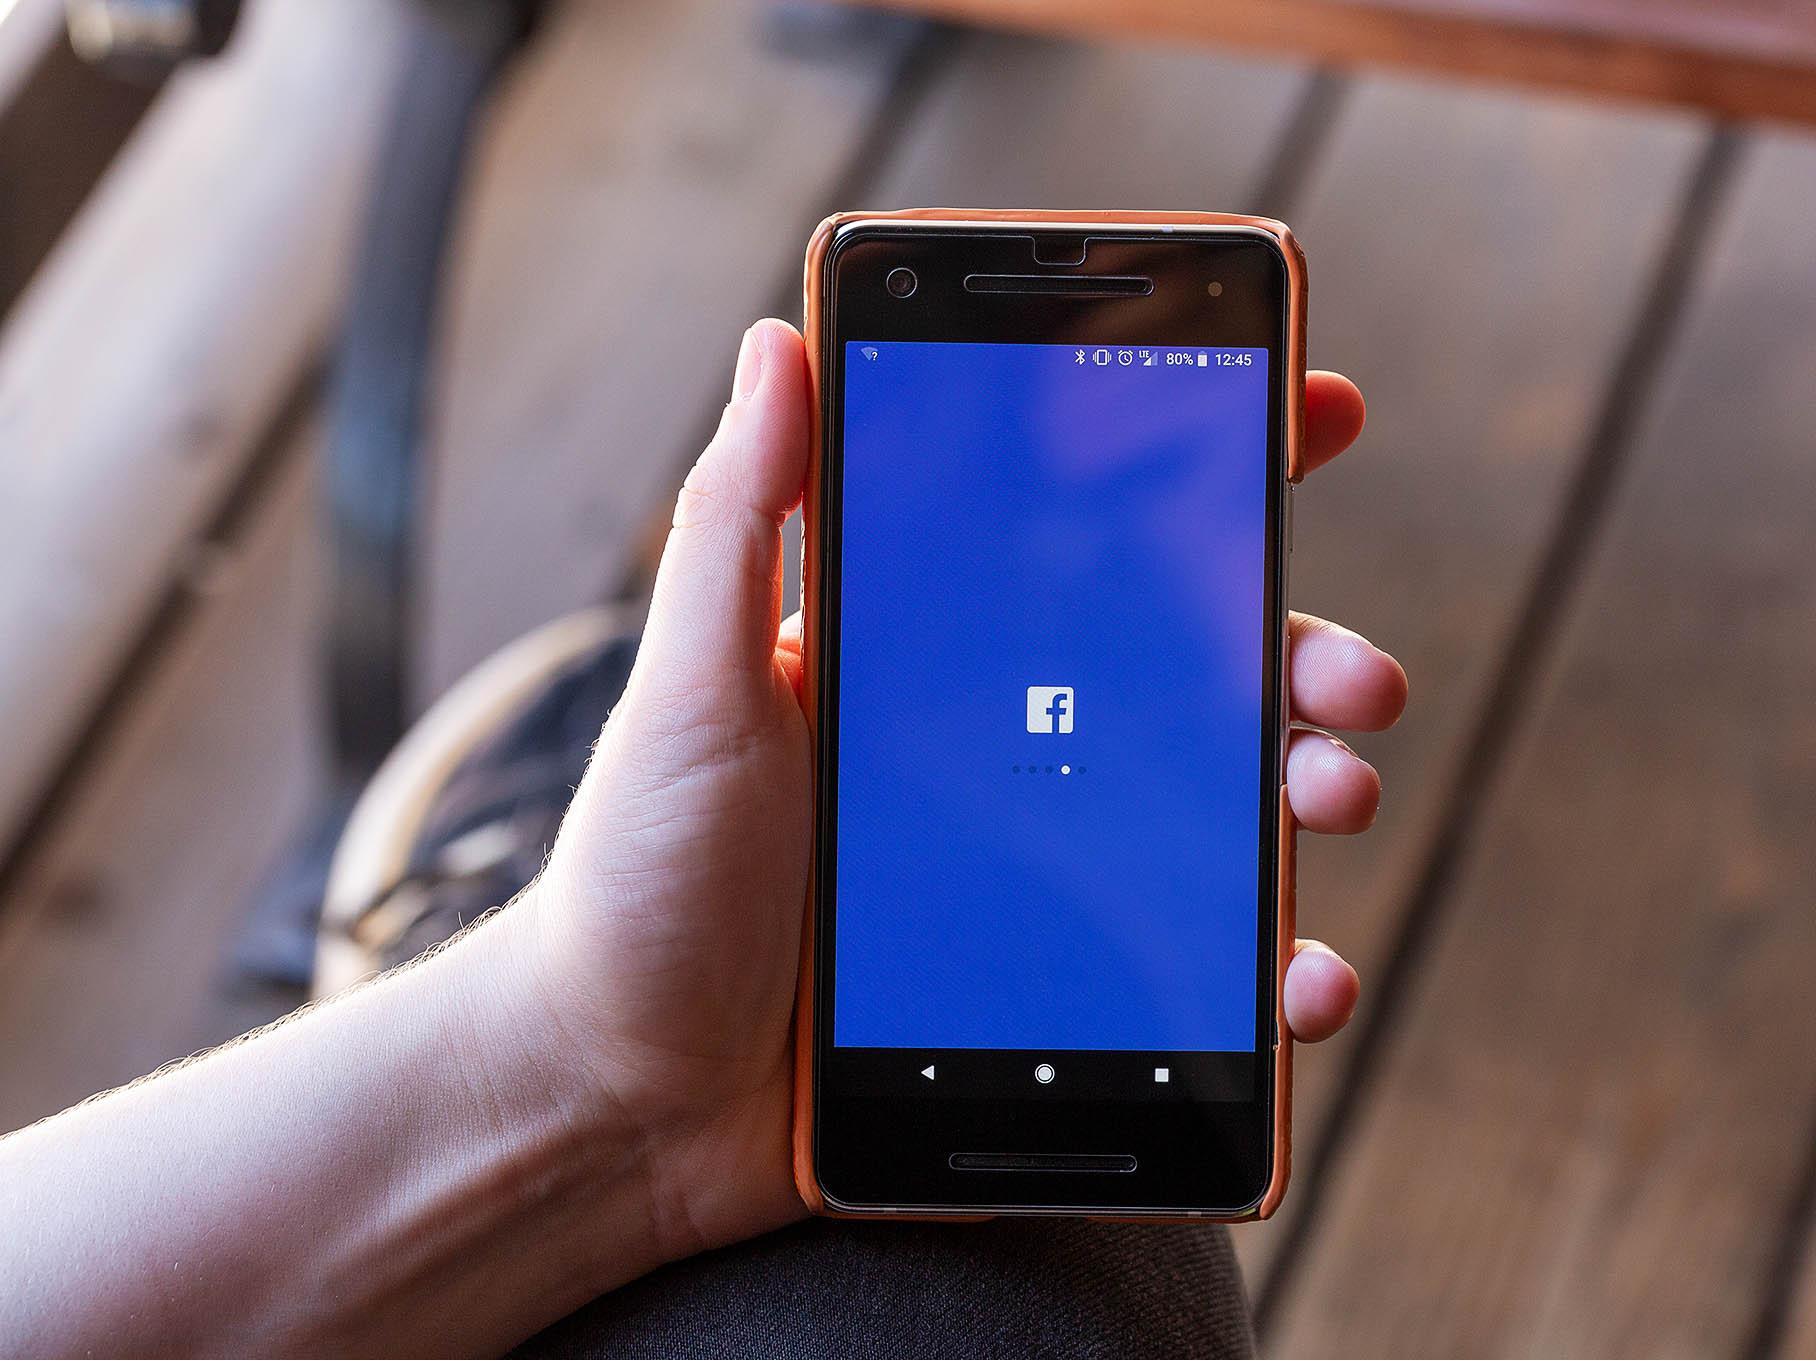 Lộ thông tin 120 triệu người dùng Facebook từ ứng dụng trắc nghiệm NameTests